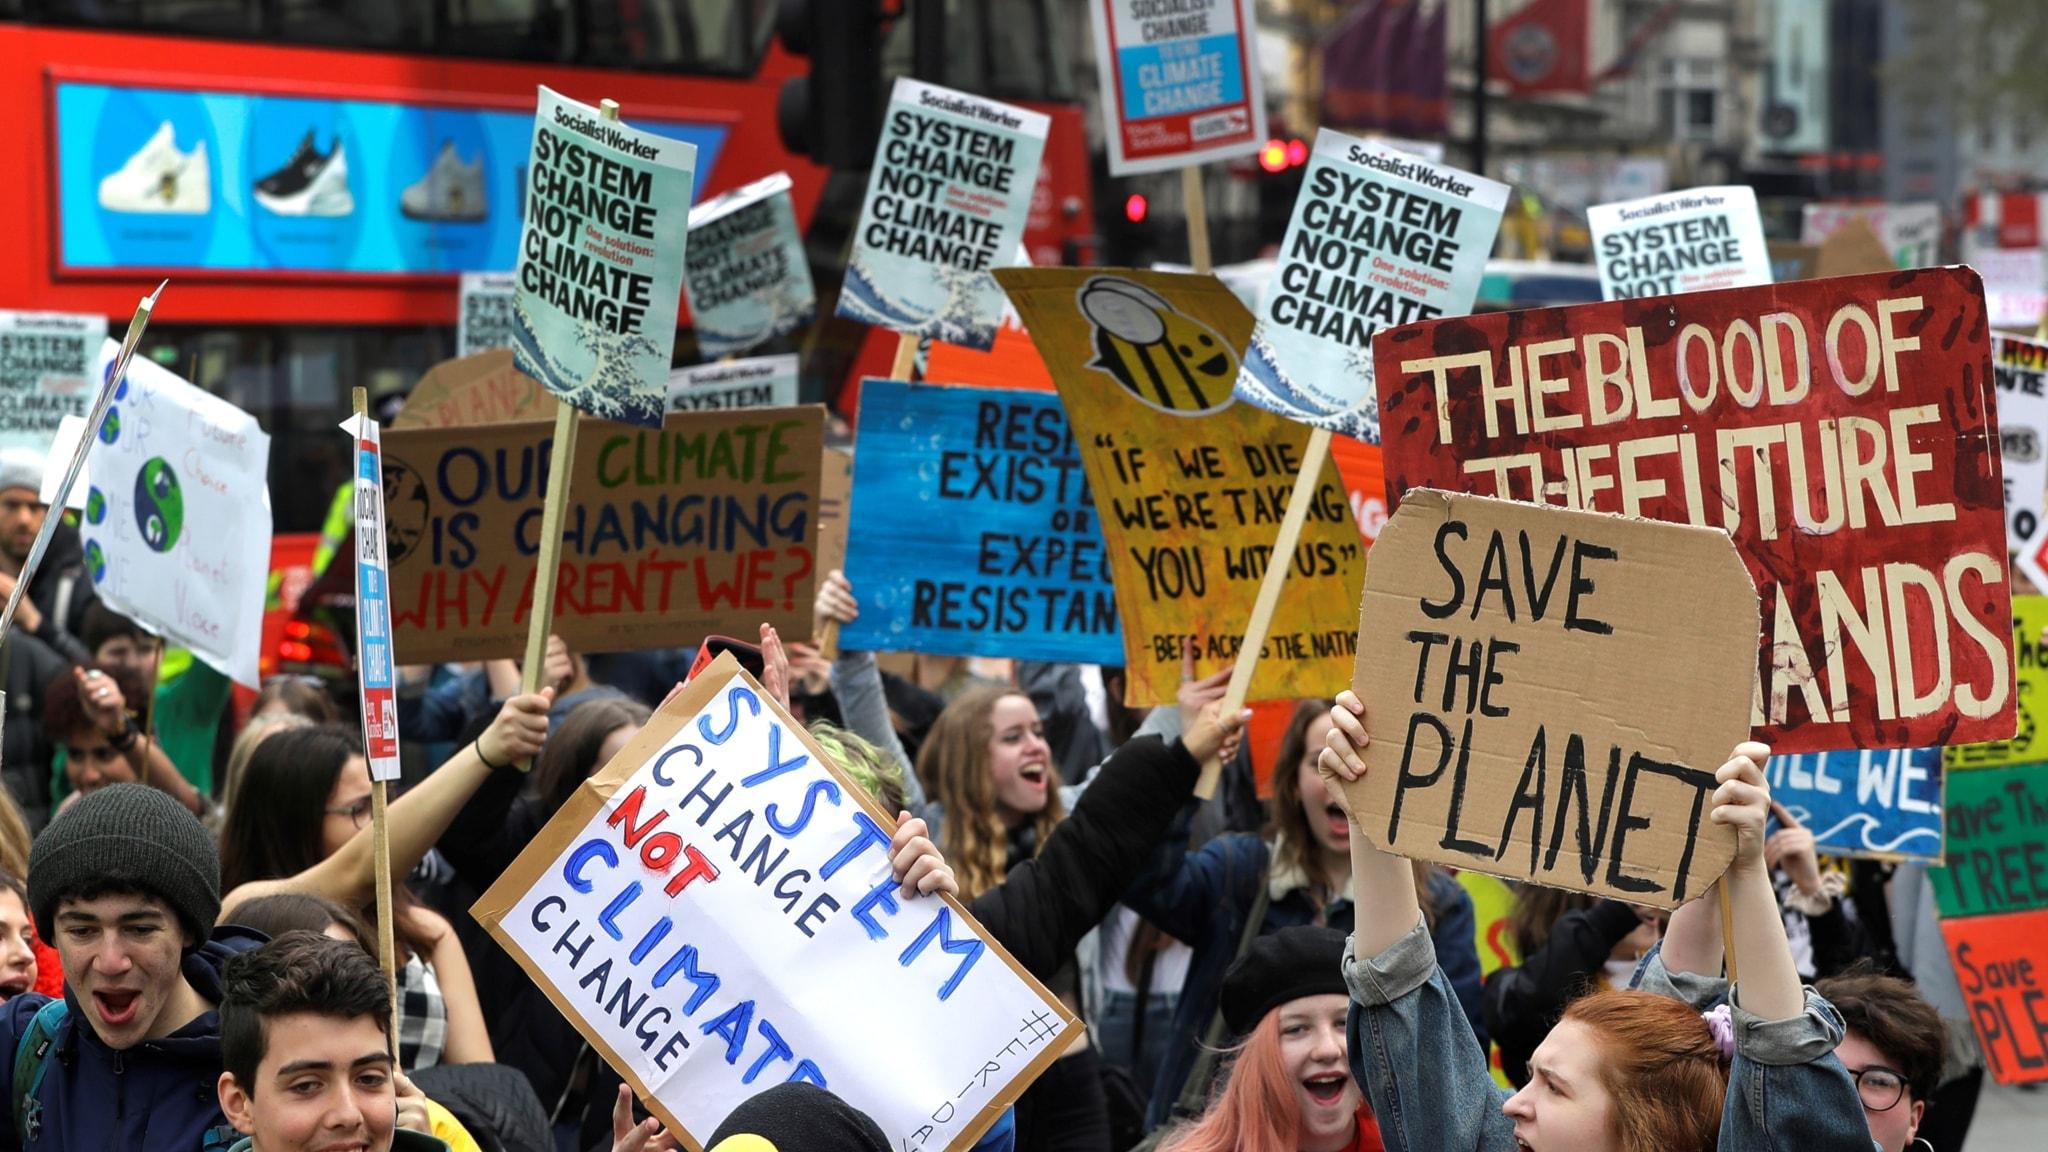 Nuoret nousevat jälleen barrikadeille – syynä ilmastohuoli